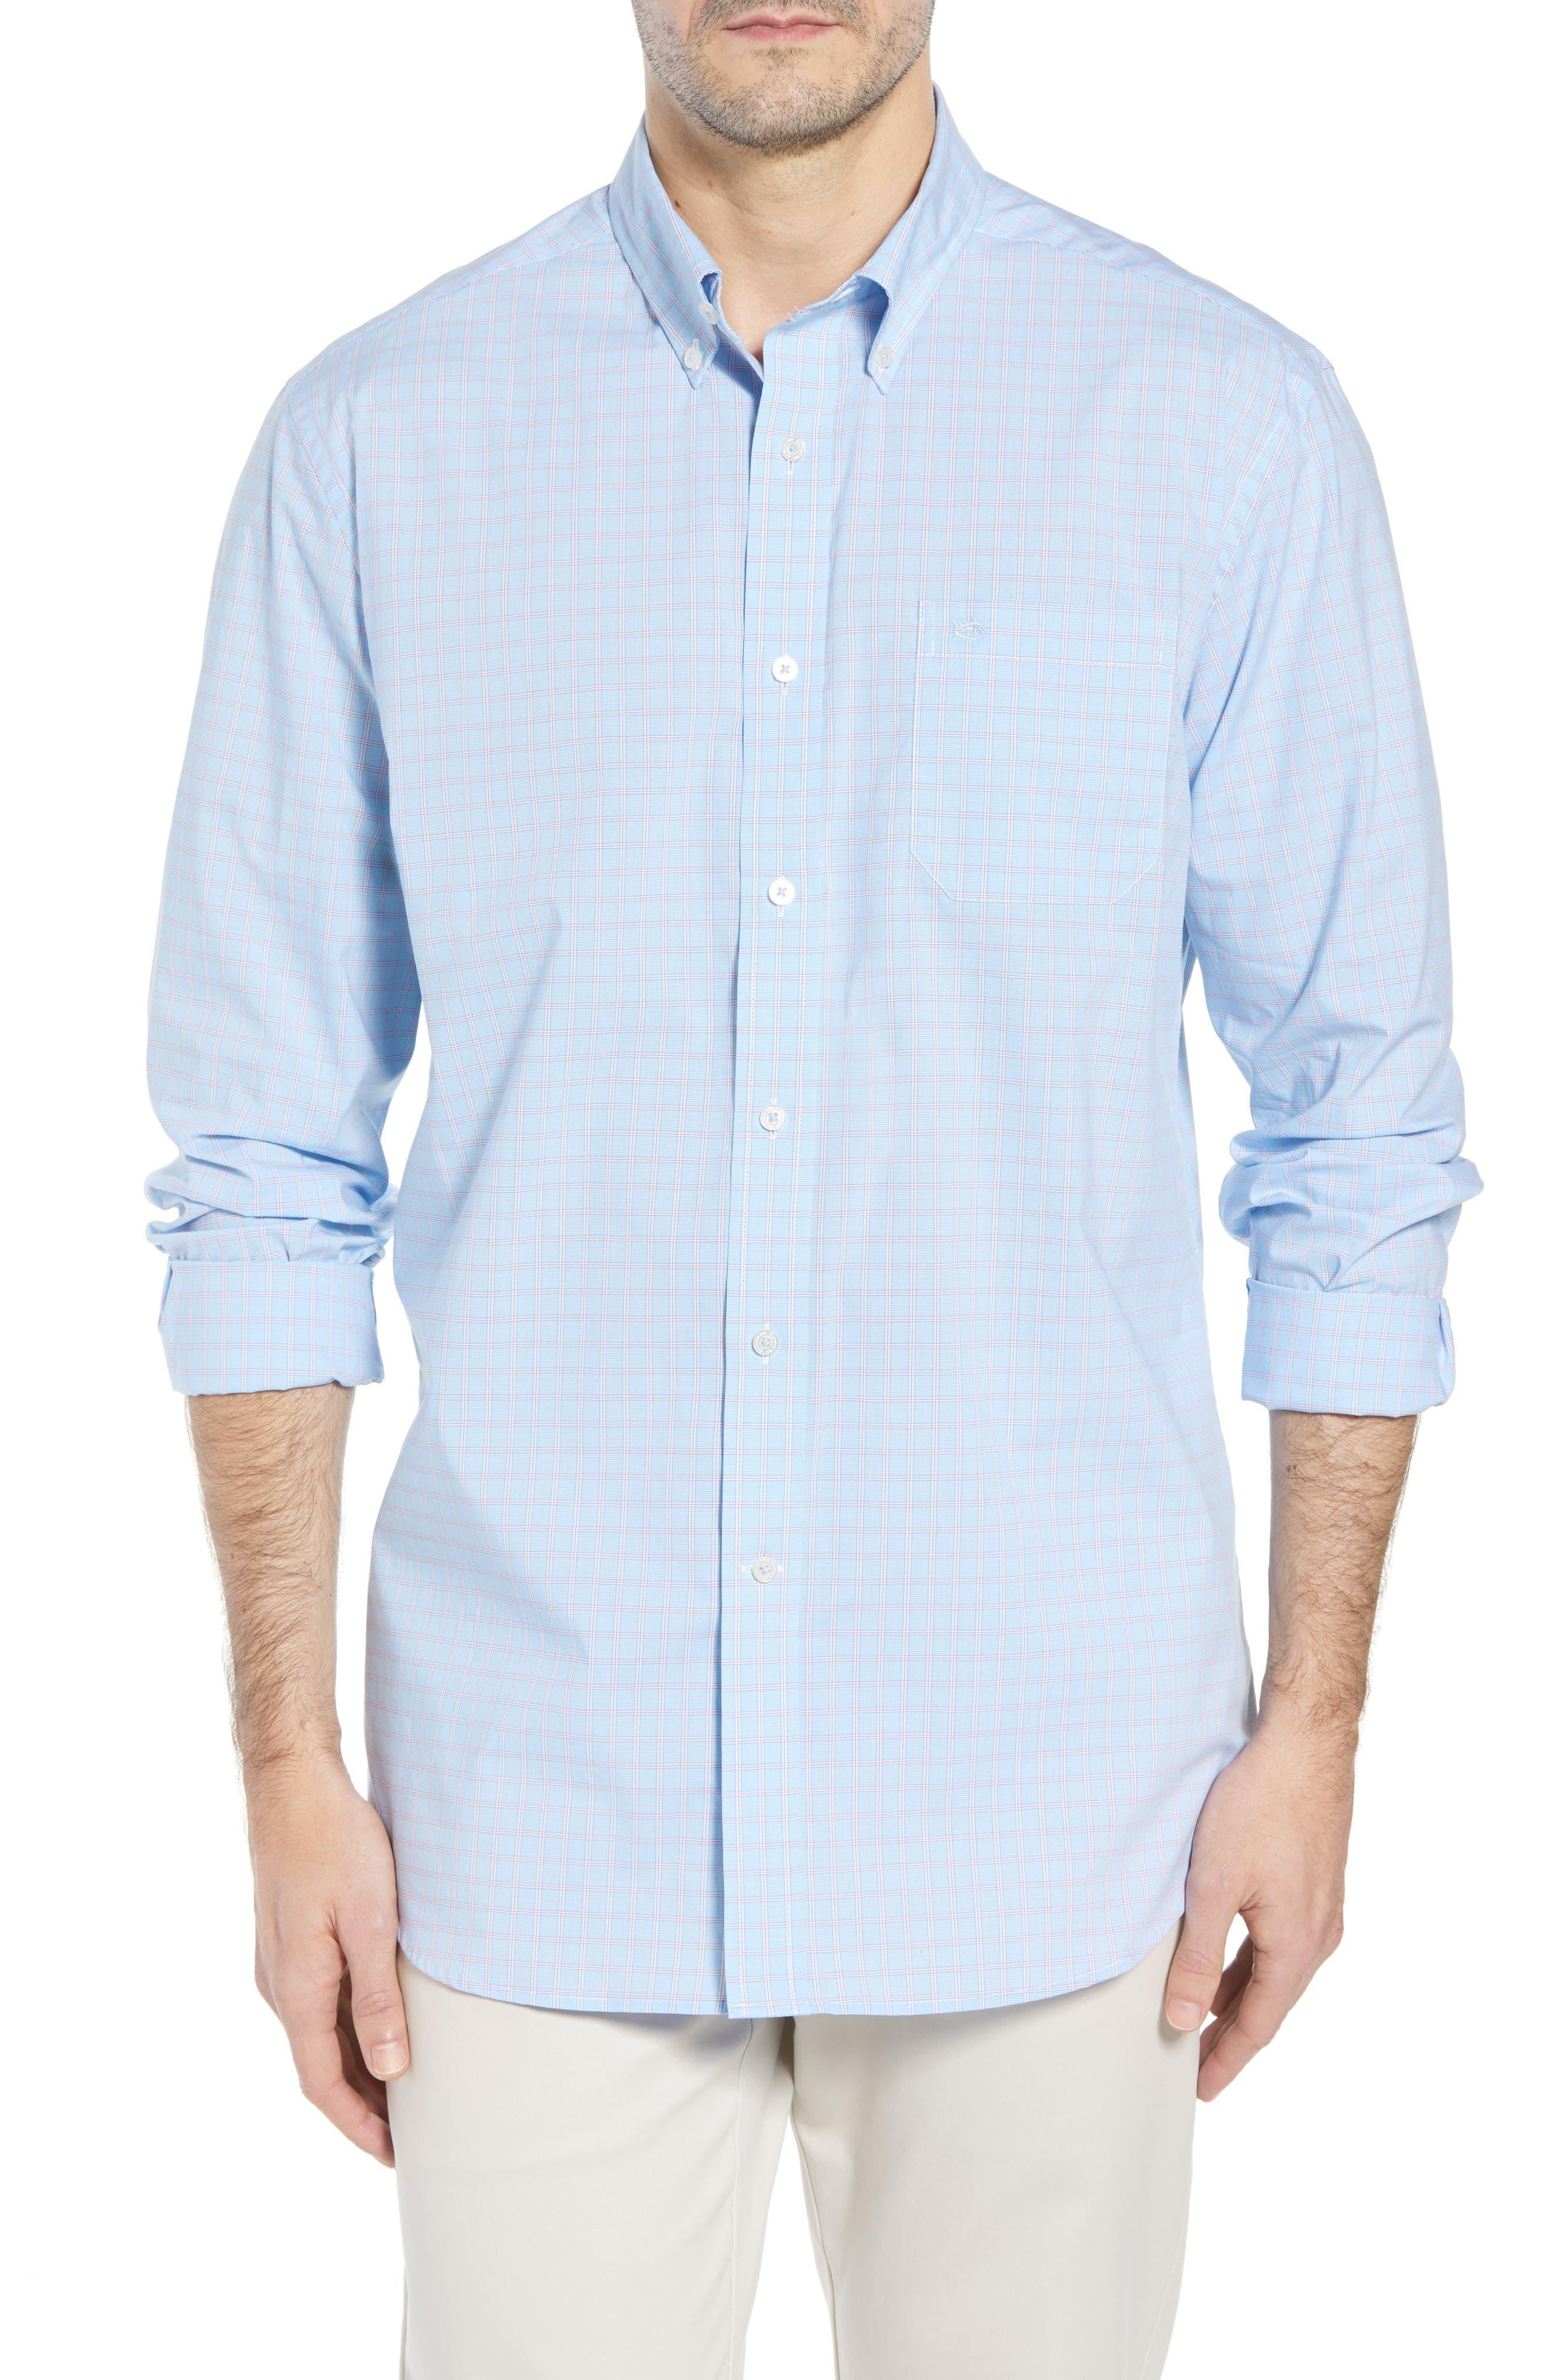 Buck Island Regular Fit Stretch Check Sport Shirt,                         Main,                         color, Blue Stream